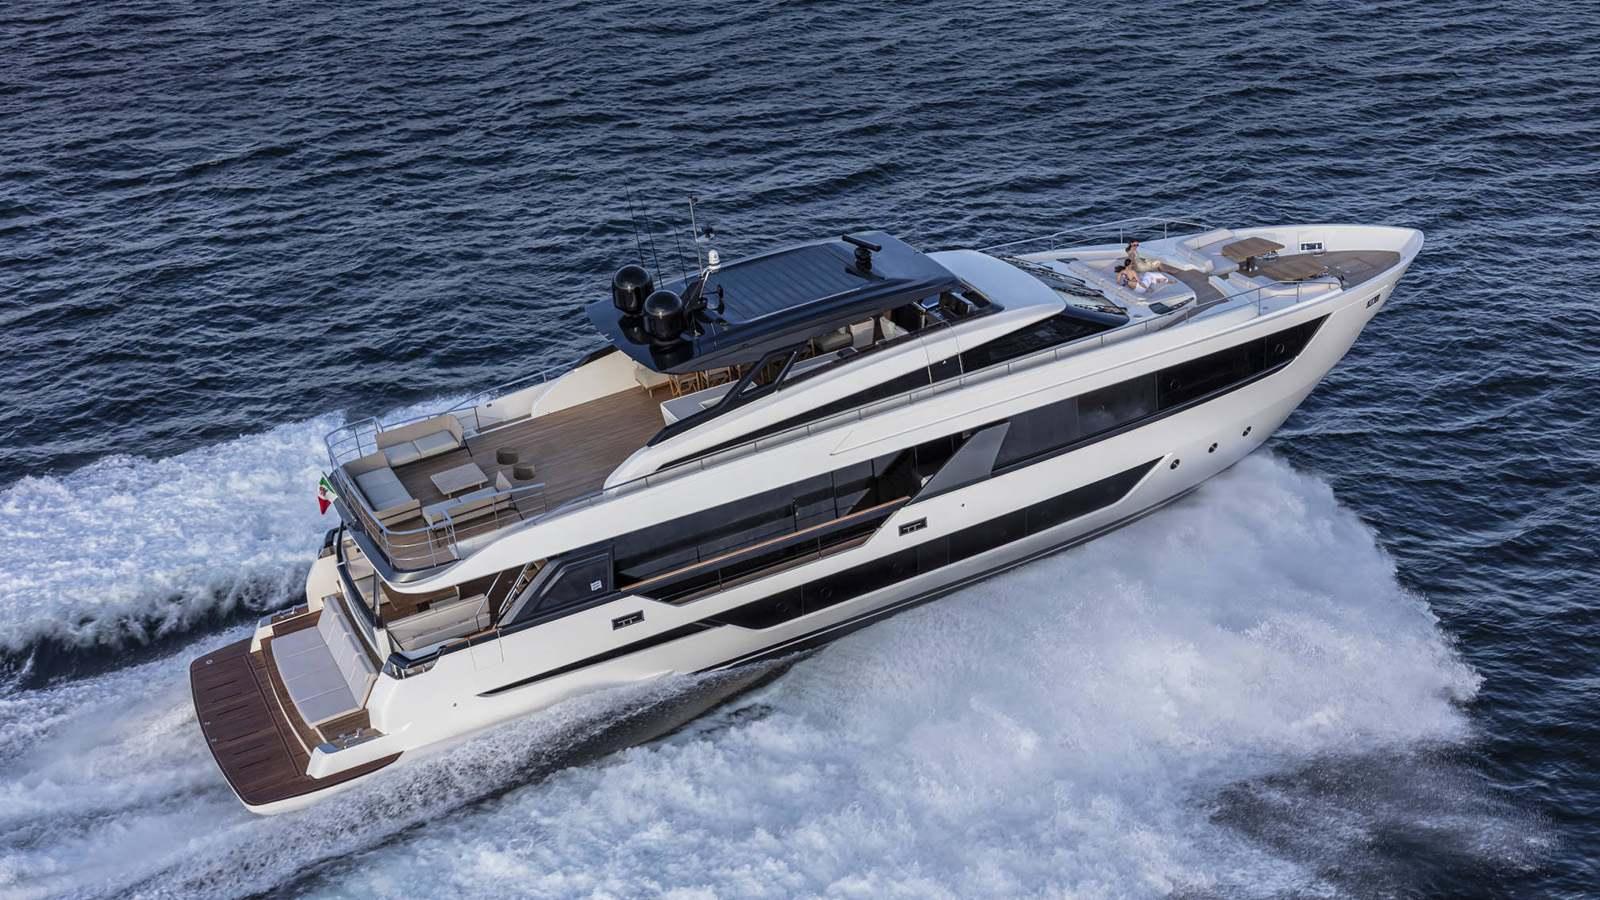 ferretti-1000-nav2-damonte-yachts